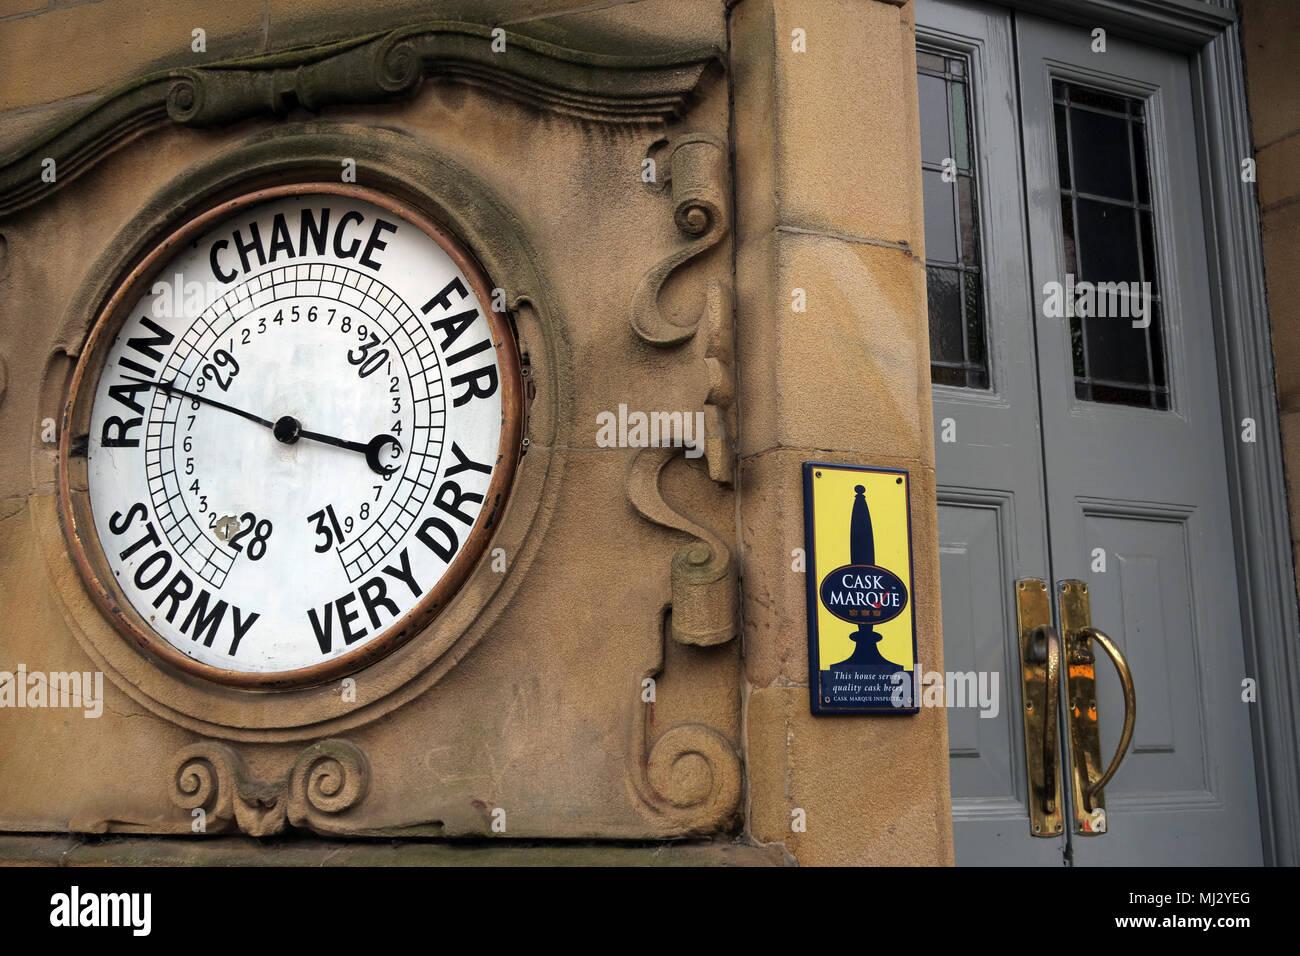 Laden Sie dieses Alamy Stockfoto Kämpfende Hähne Pub, Moseley, Birmingham, B13 8HW, Großbritannien - MJ2YEG